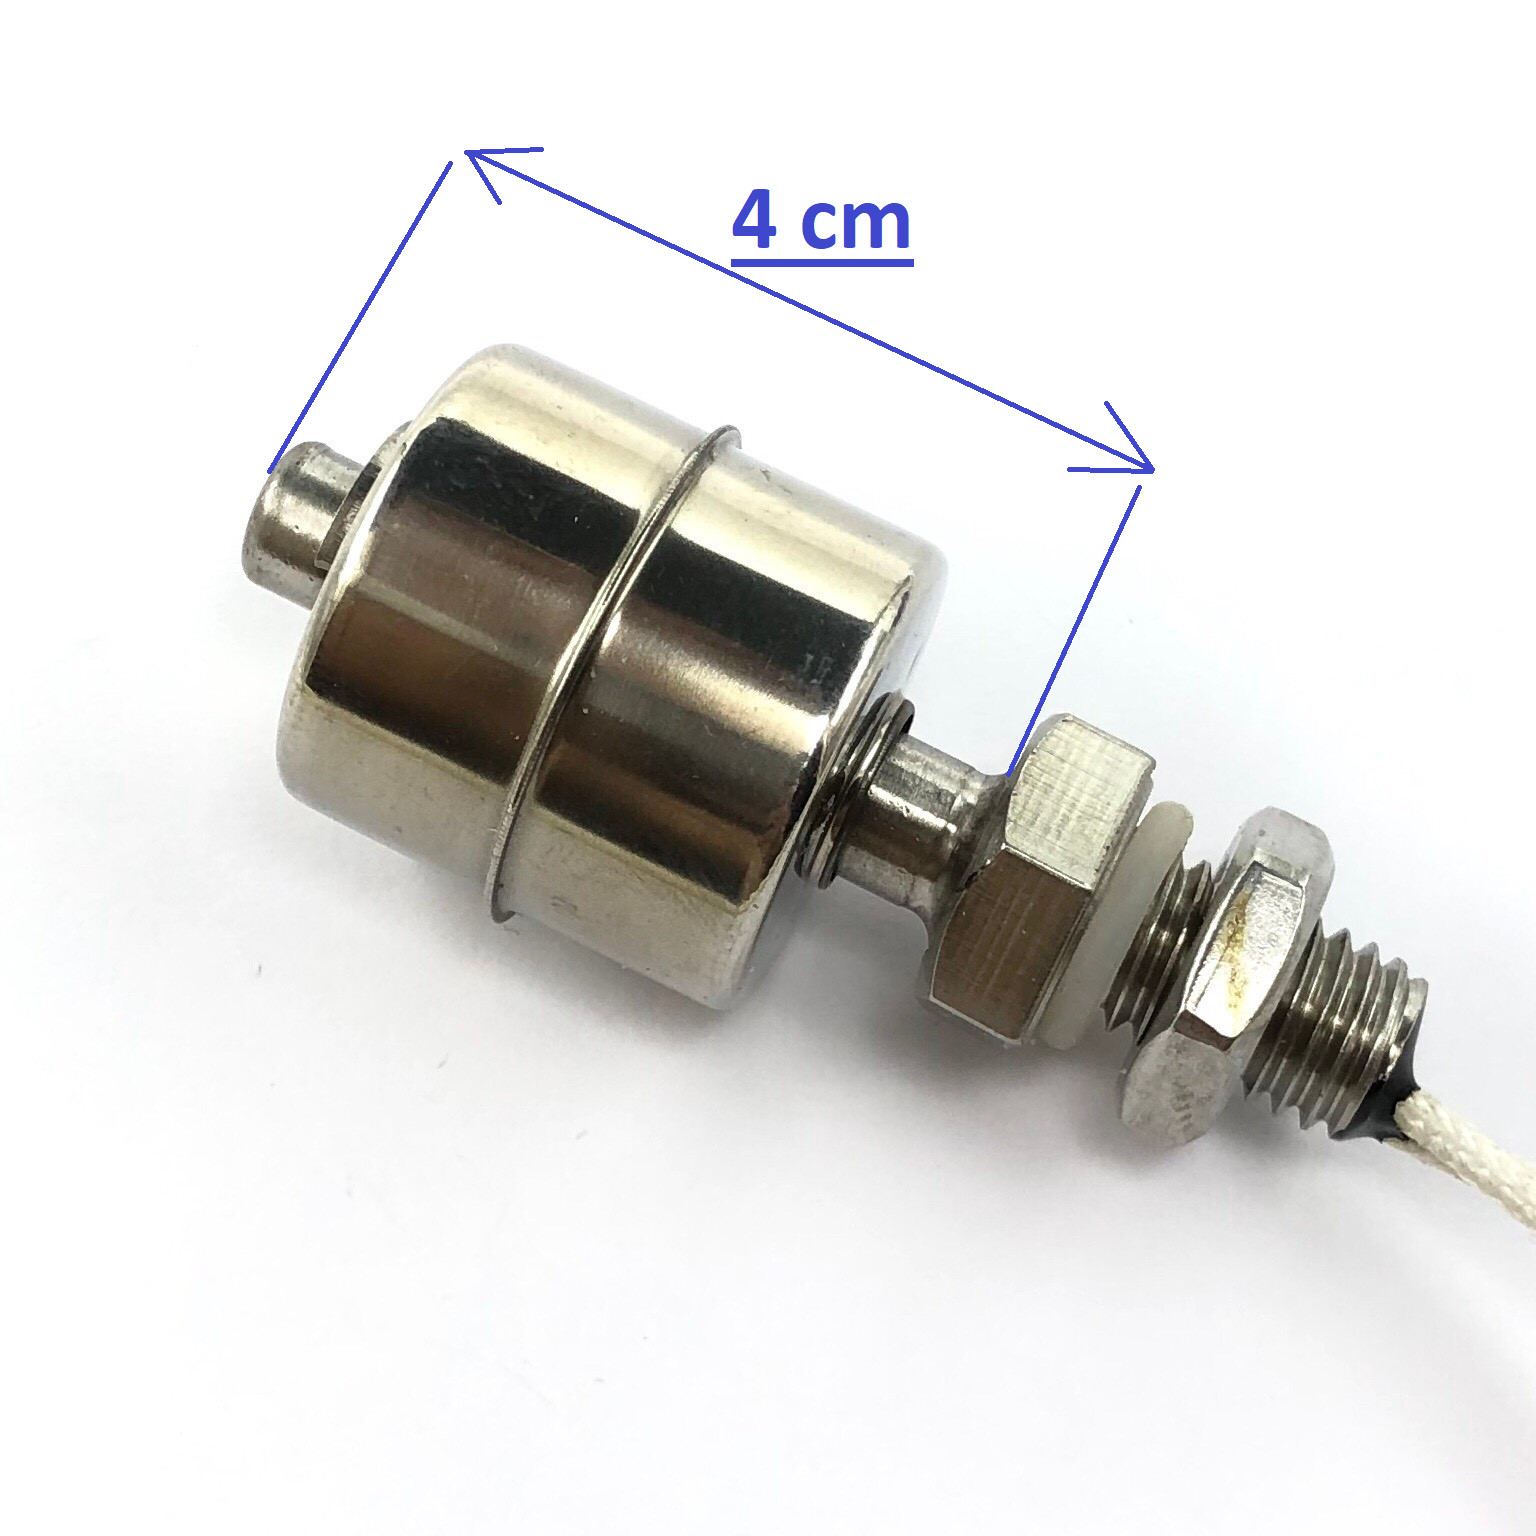 Phao cơ cảm biến mực nước một mức 4 cm - inox / G8H1